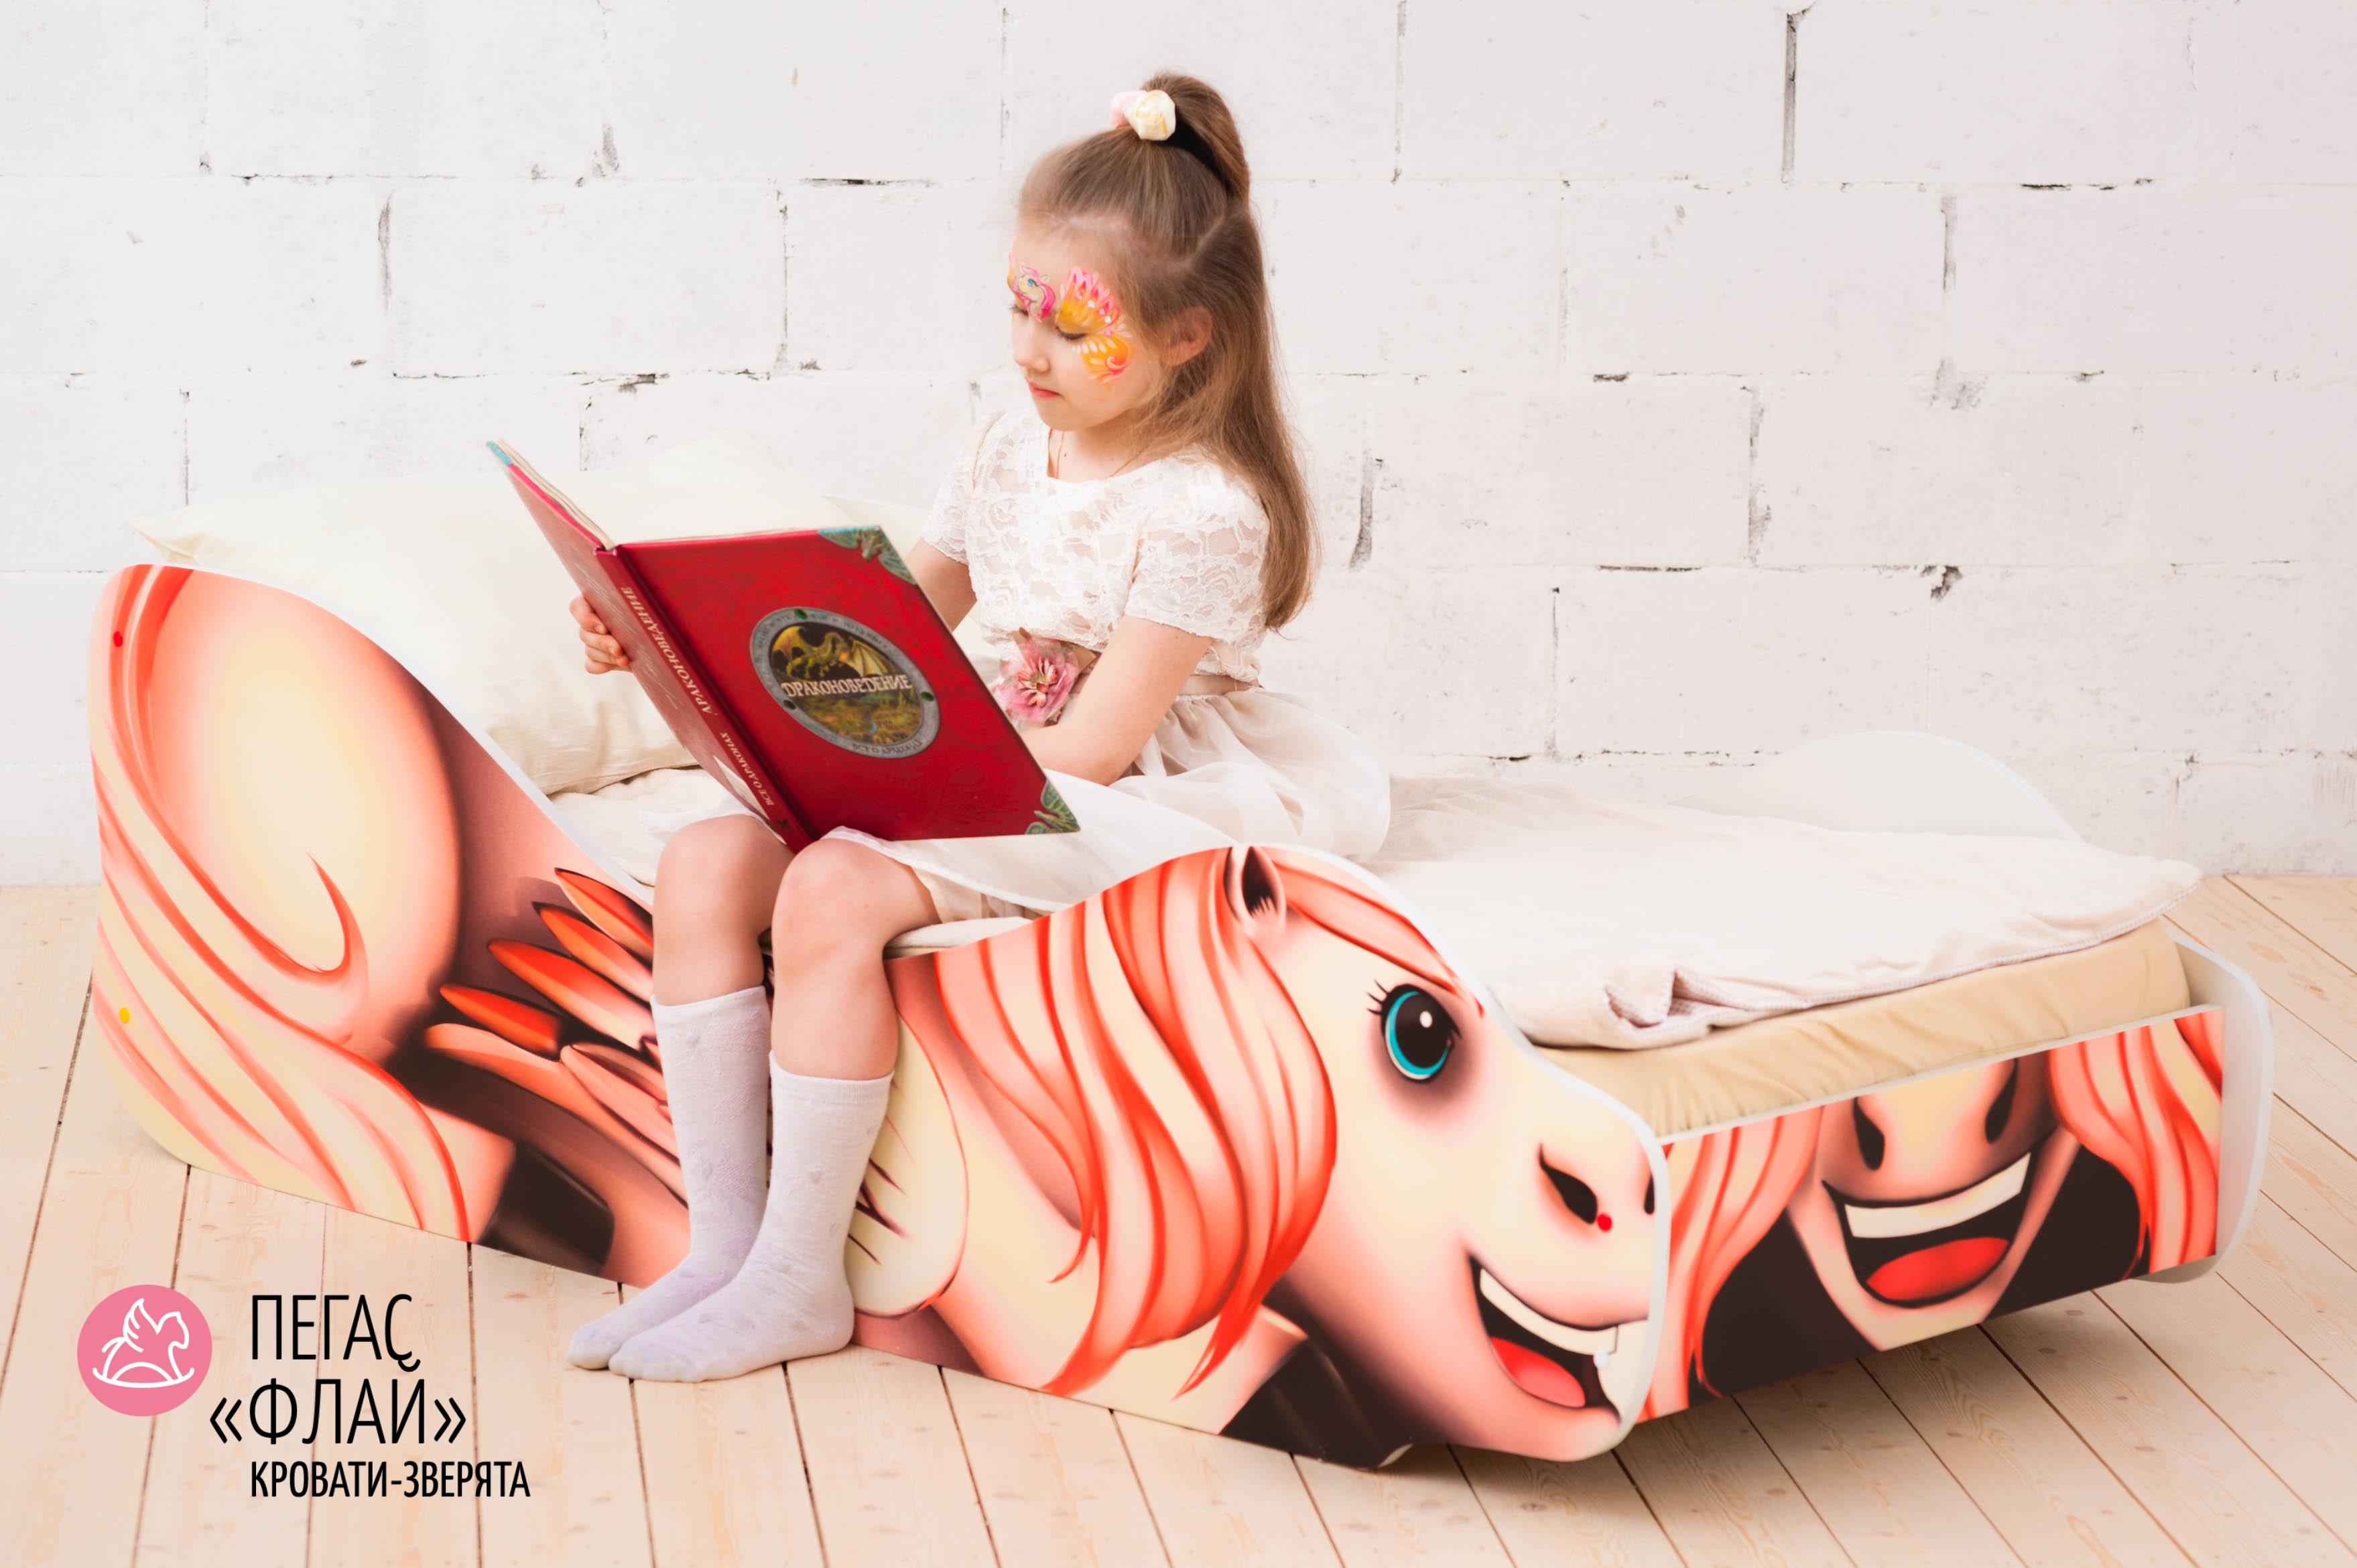 Детская кровать-зверенок -Пегас-Флай-14